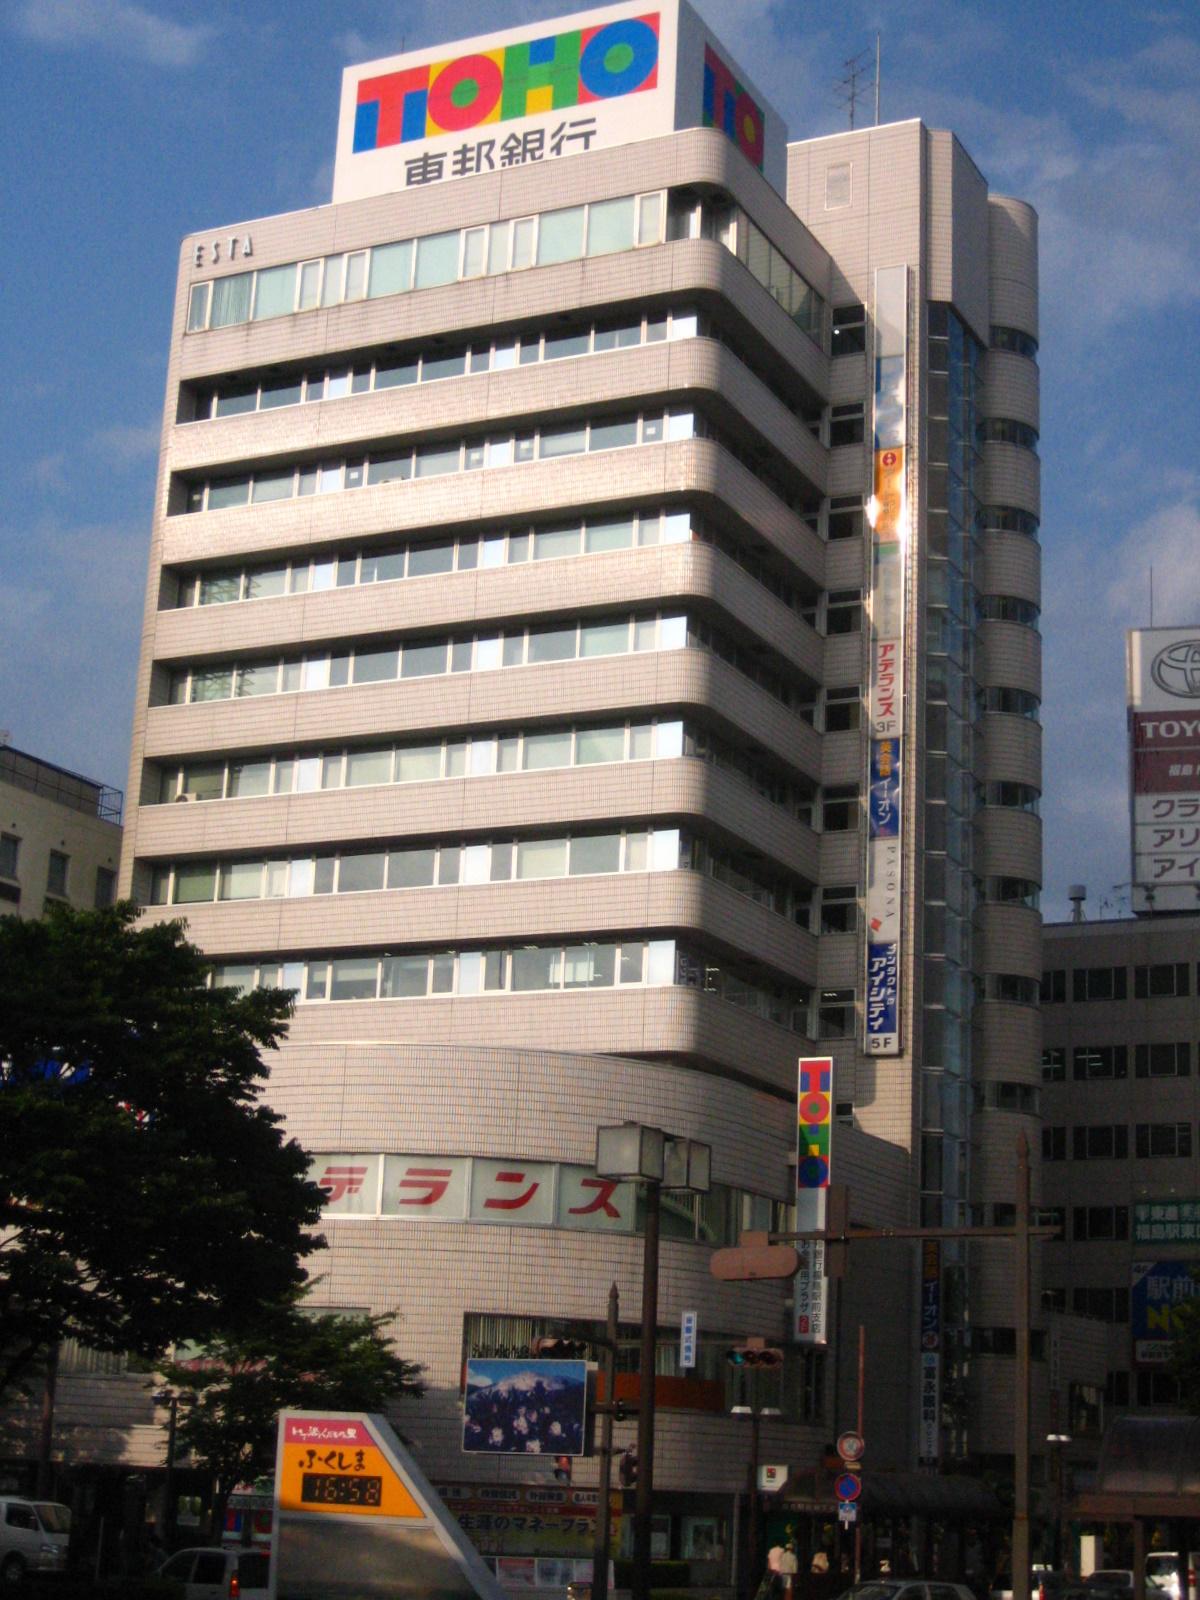 Toho Bank - Wikipedia